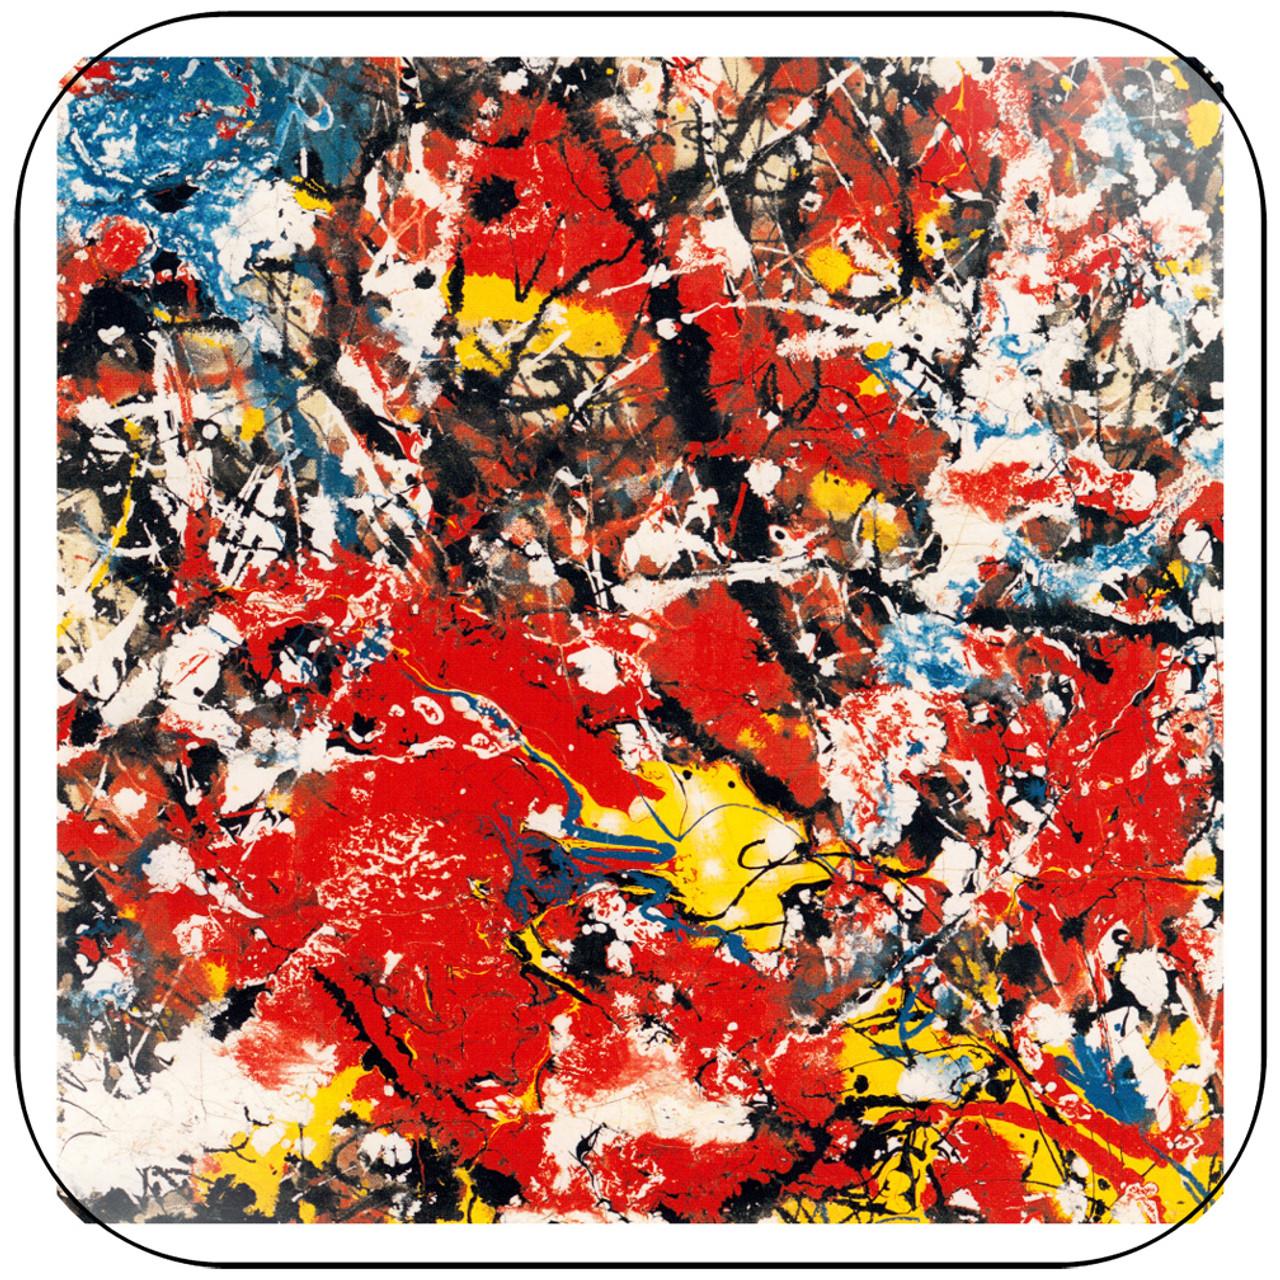 reputable site 36e0a a9a76 The Stone Roses - Elephant Stone Album Cover Sticker